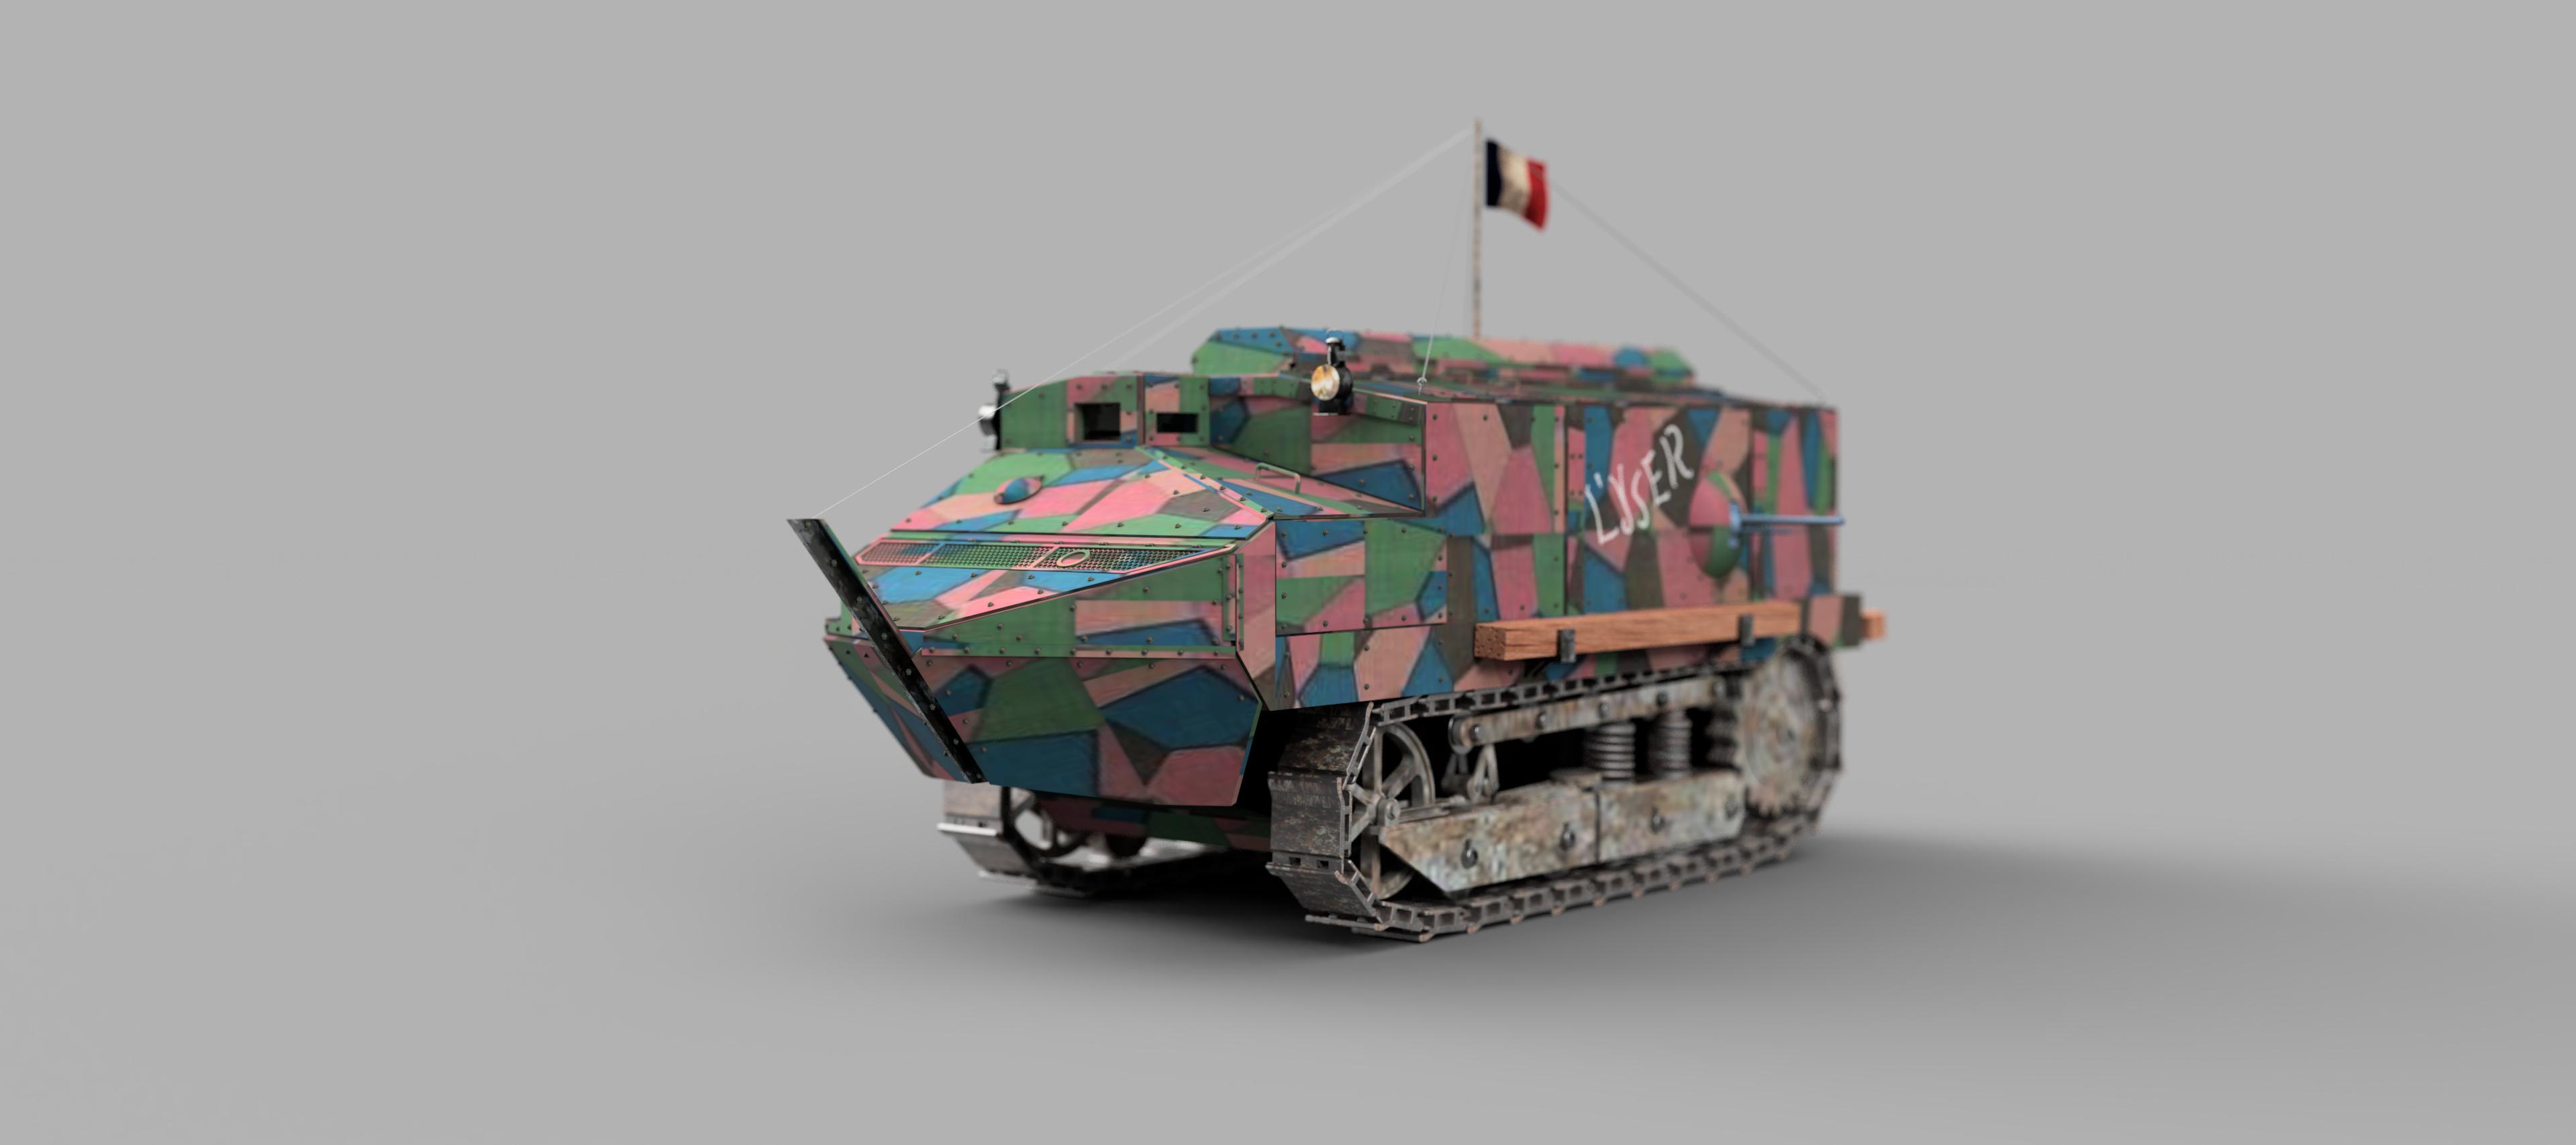 施奈德(Schneider)CA1型坦克3D数模图纸 STP格式